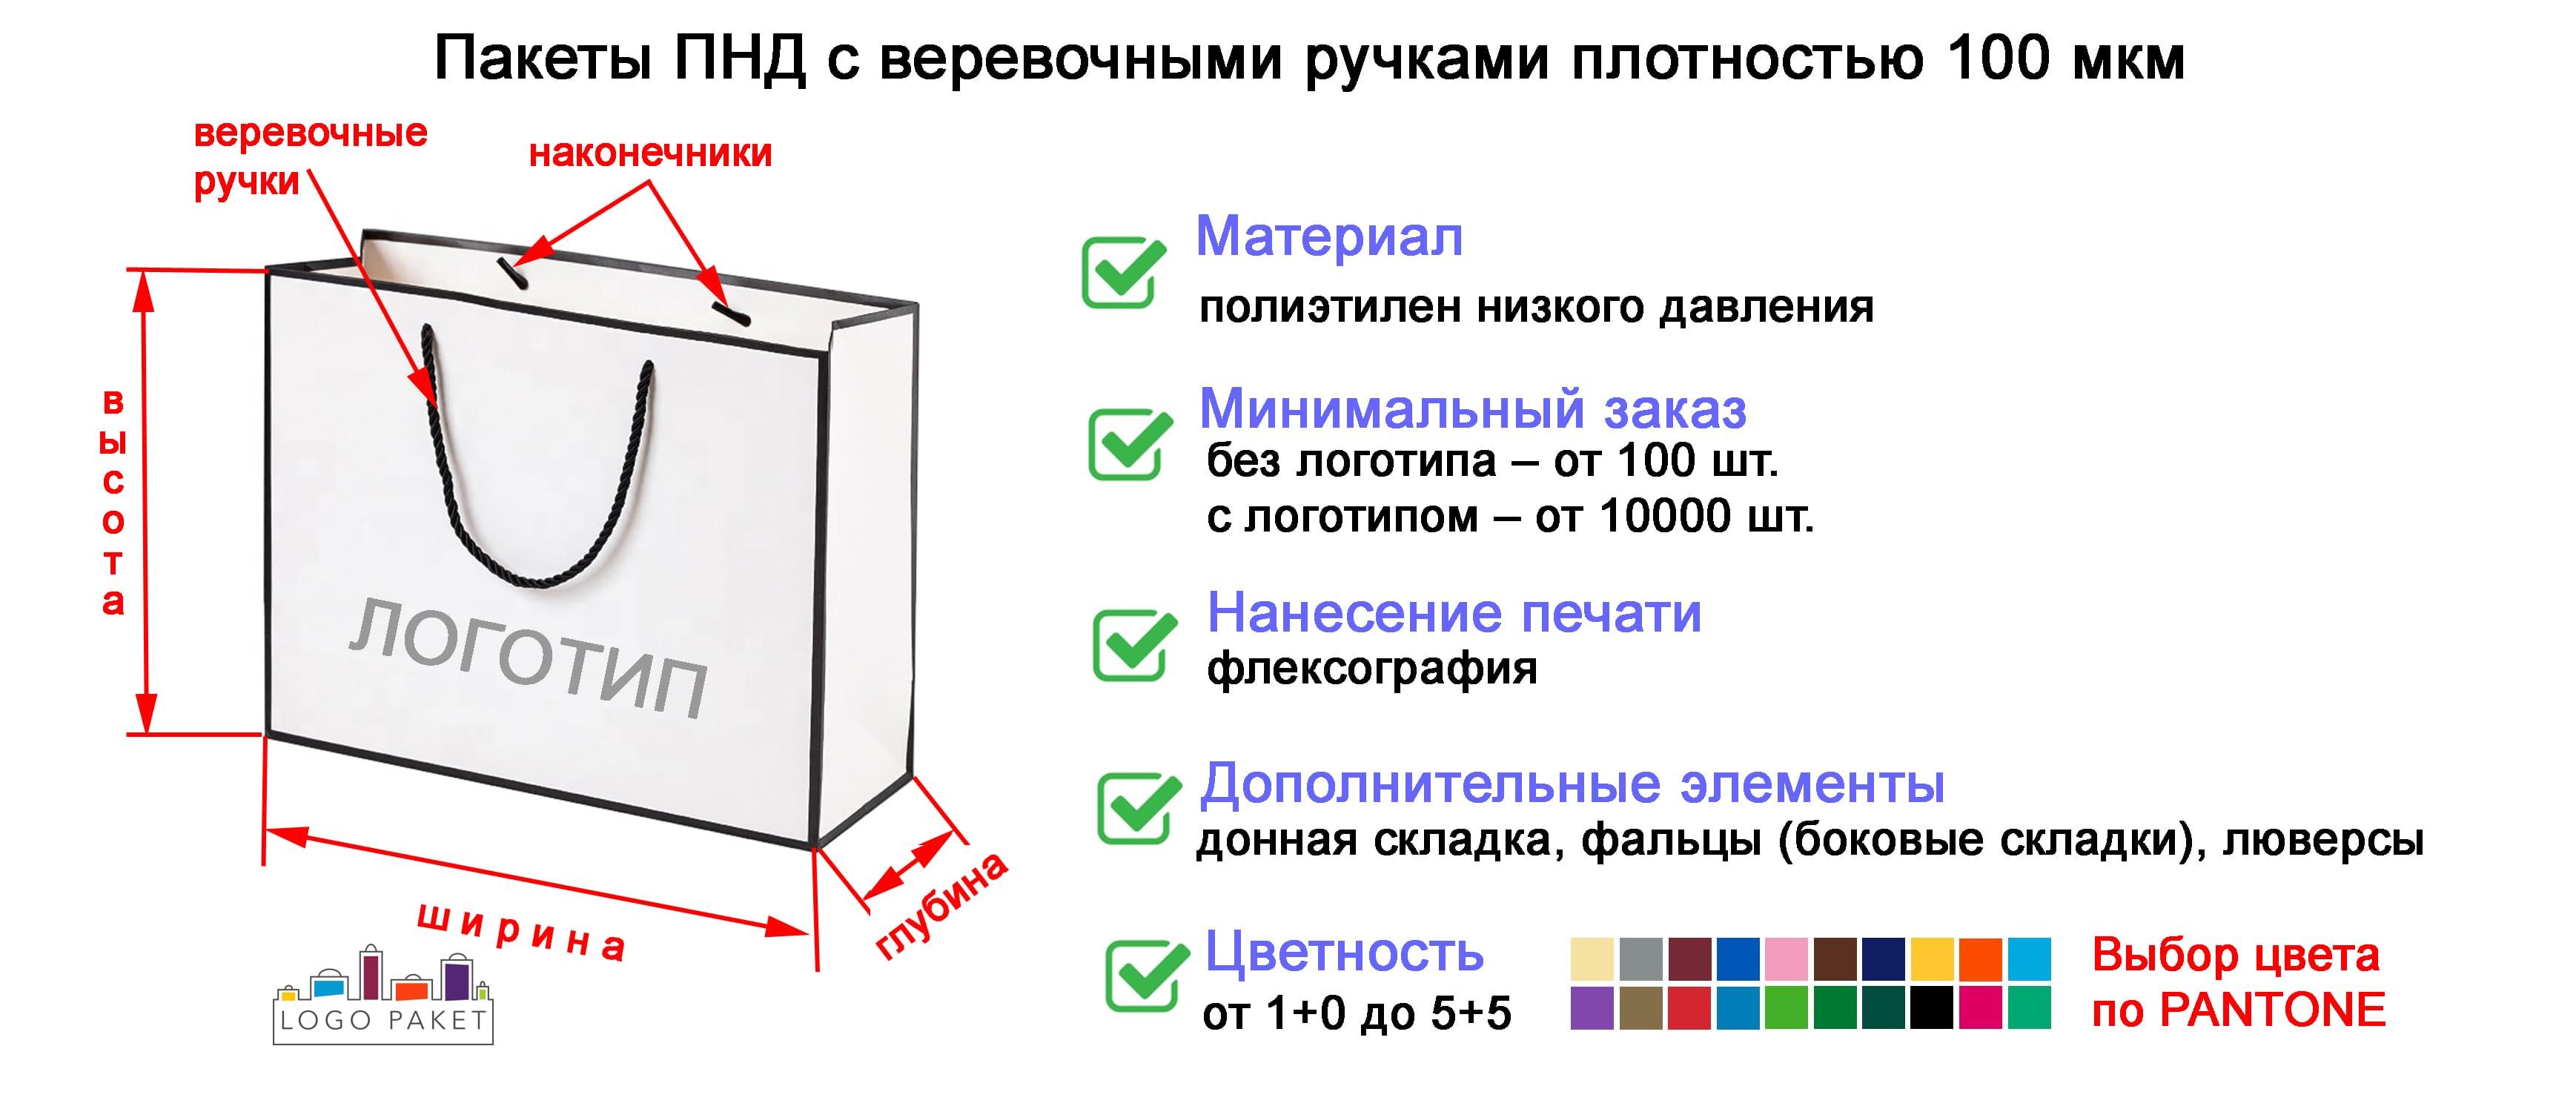 Пакеты ПНД с веревочными ручками инфографика